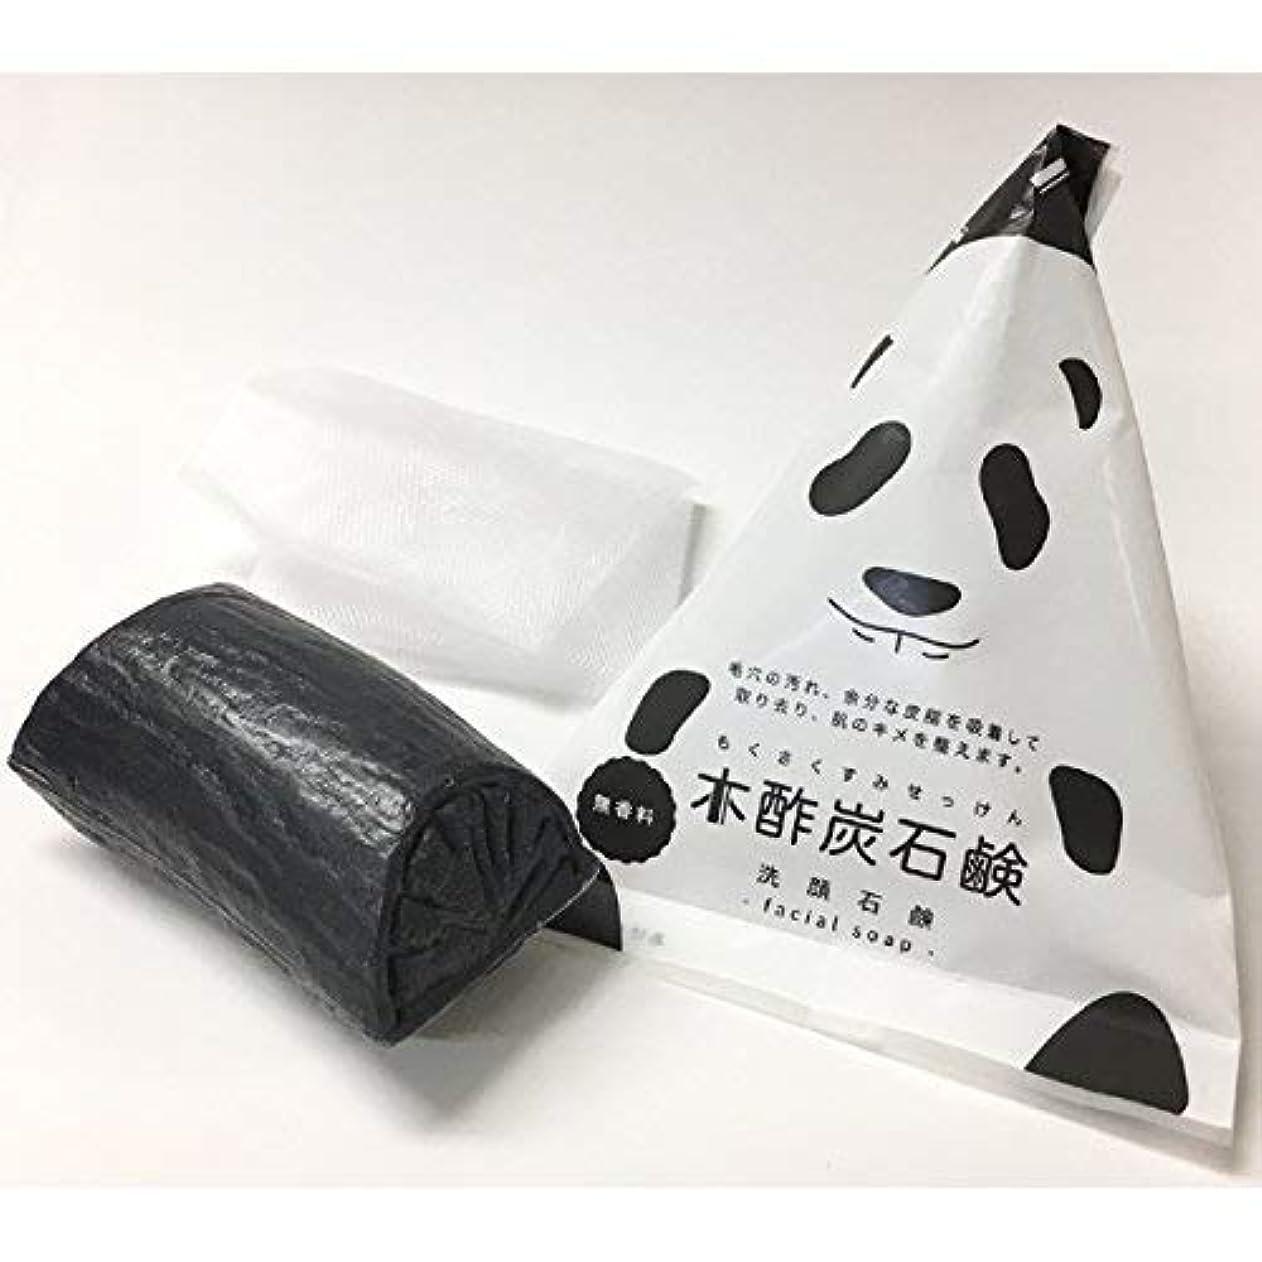 満足できる軽蔑する実用的備長炭木酢炭泥棒石けん(6個セット)